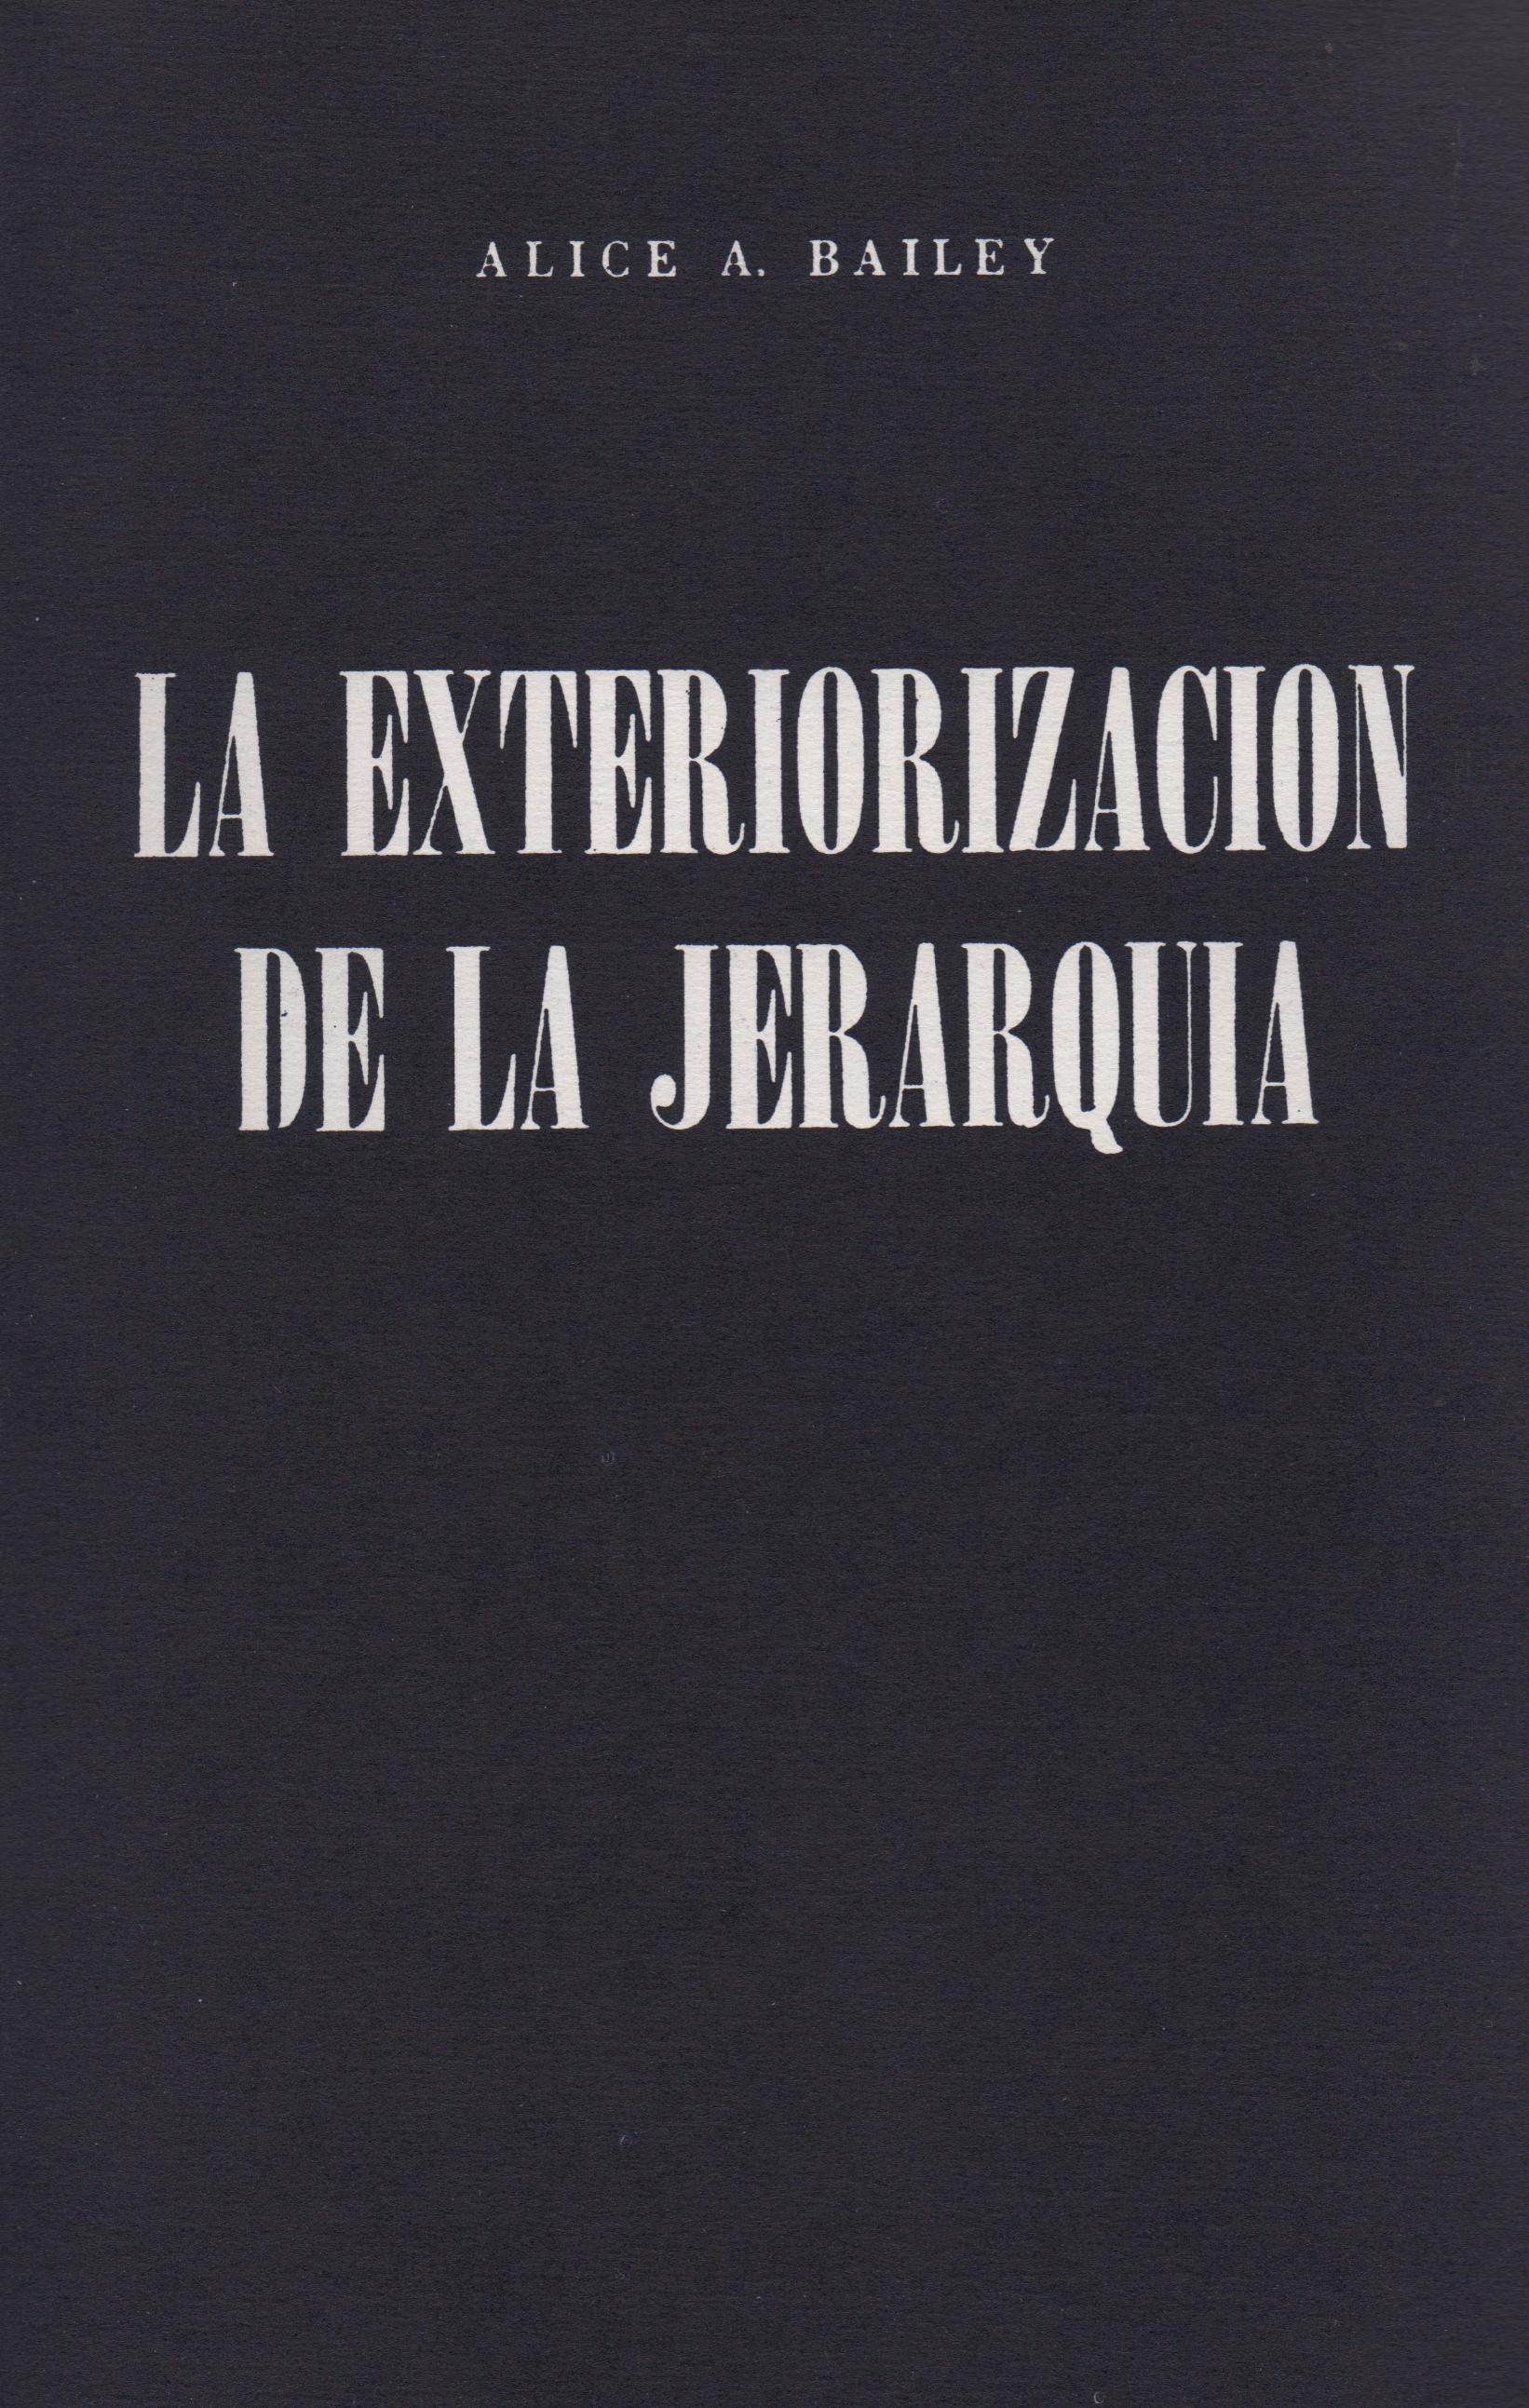 La exteriorización de la Jerarquía